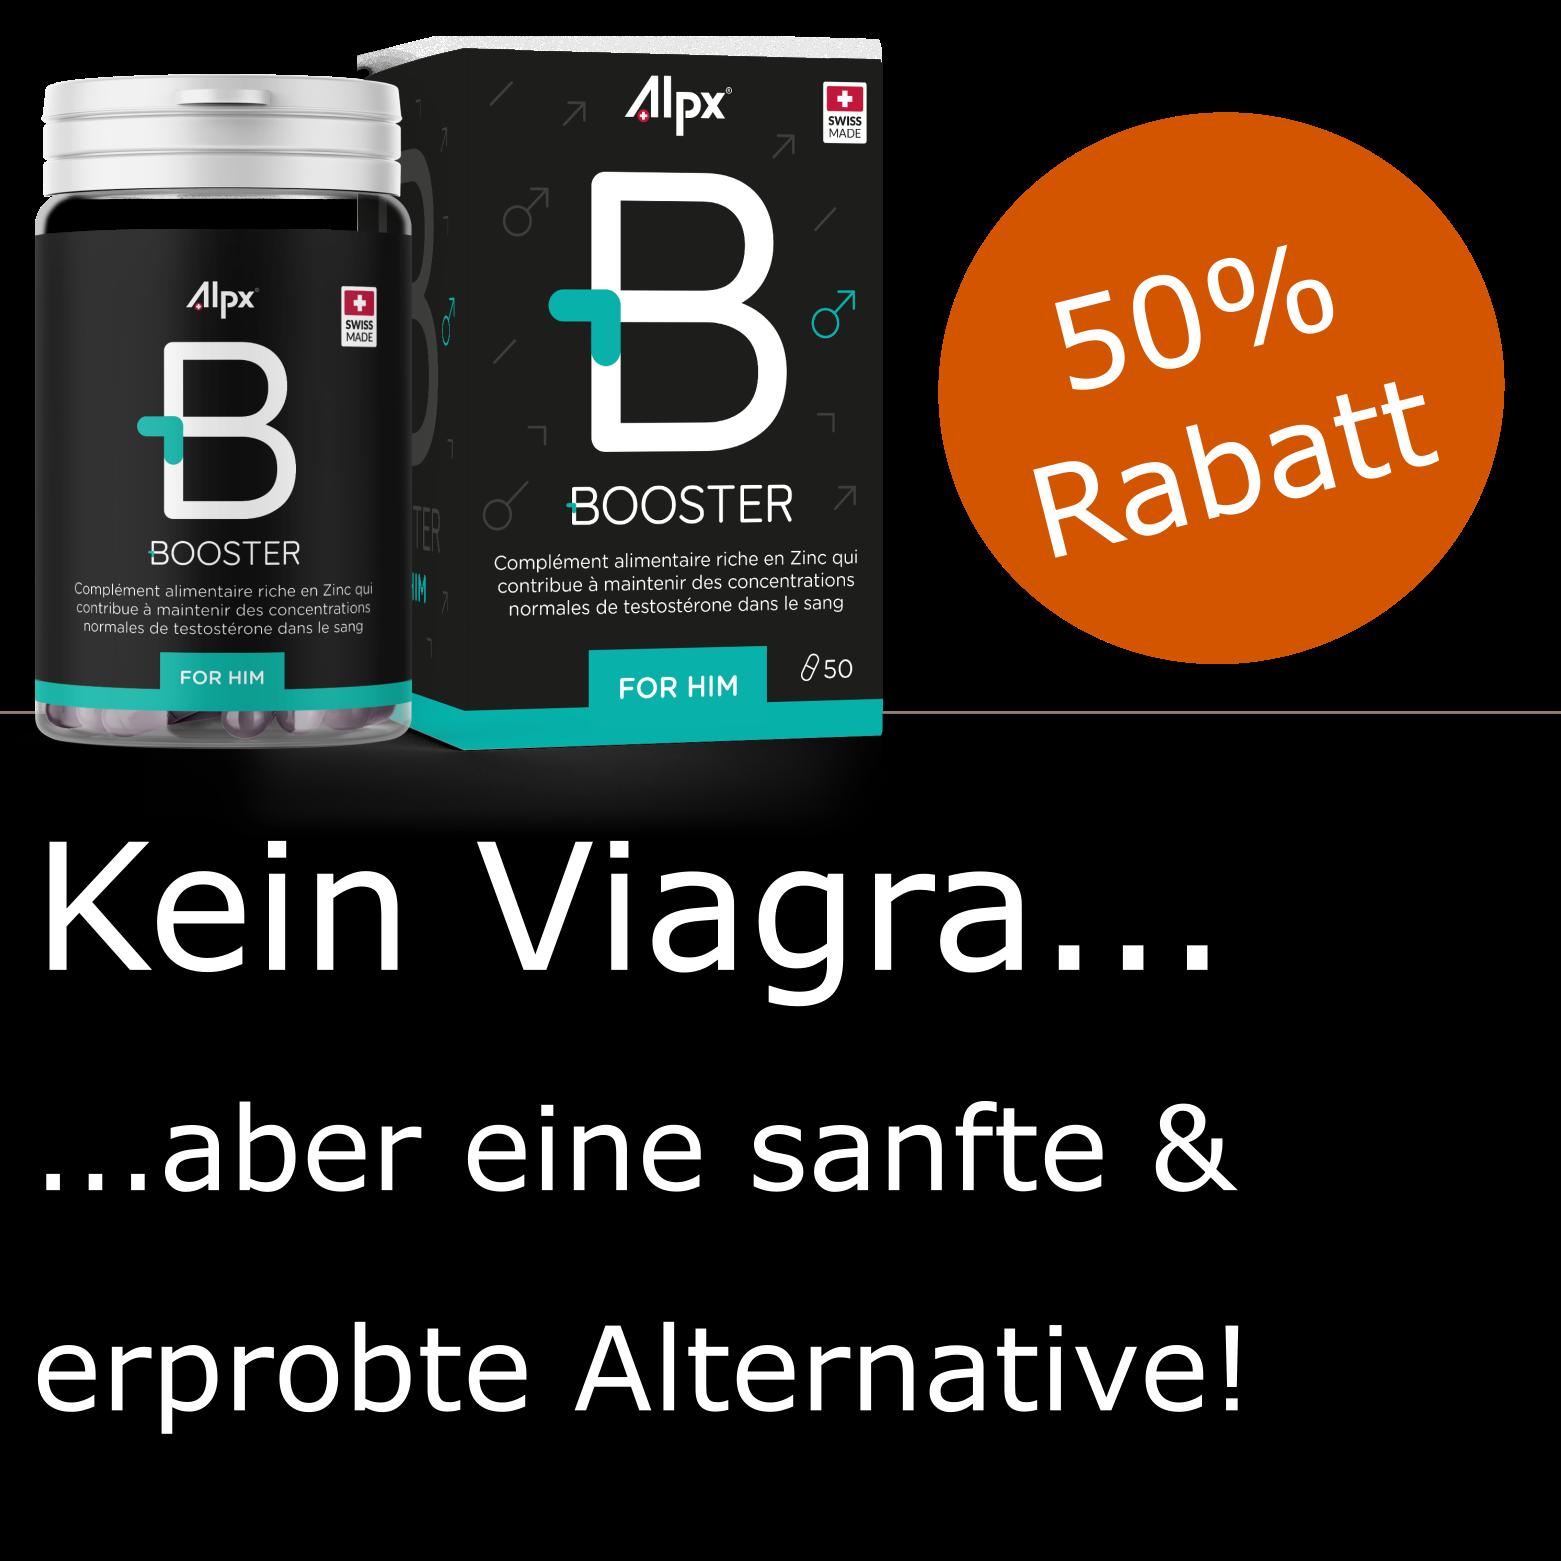 Kein Viagra, aber eine sanfte & erprobte Alternative!